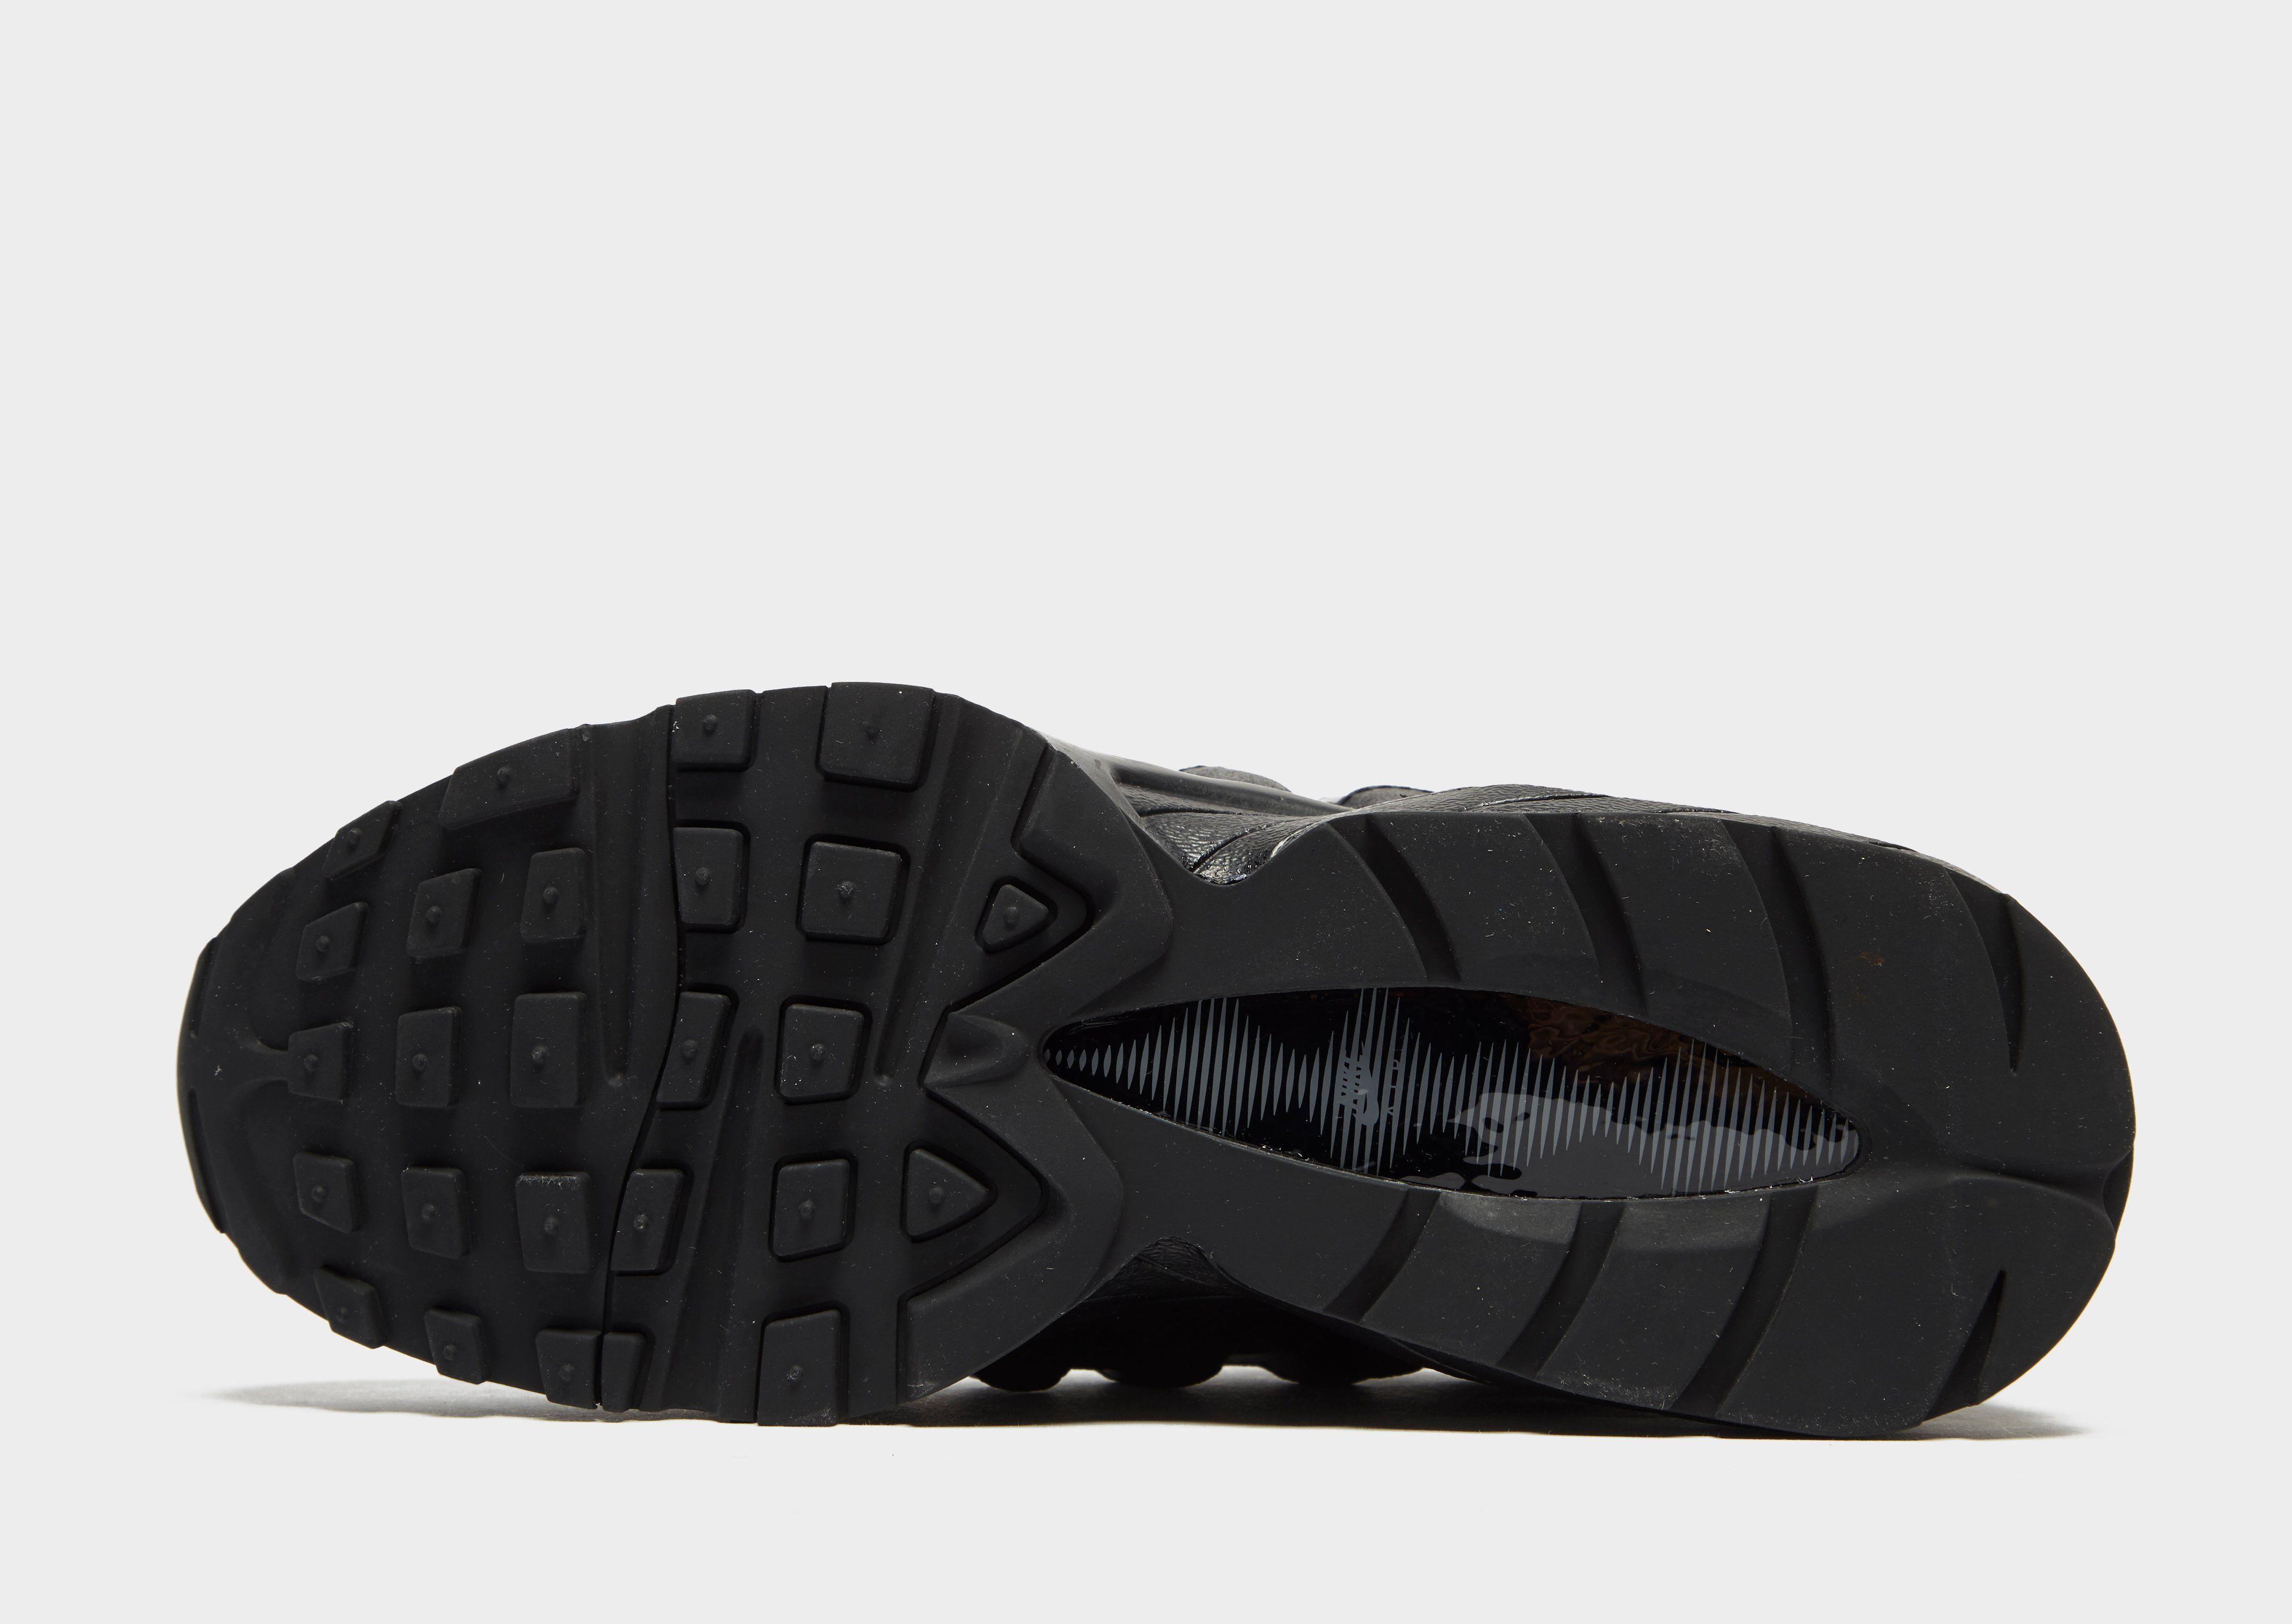 Online Ansehen Suchen Sie Nach Verkauf Nike Air Max 95 Junior Schwarz Großer Verkauf Günstig Online Besuchen Verkauf Online 7tqk0A1LHv